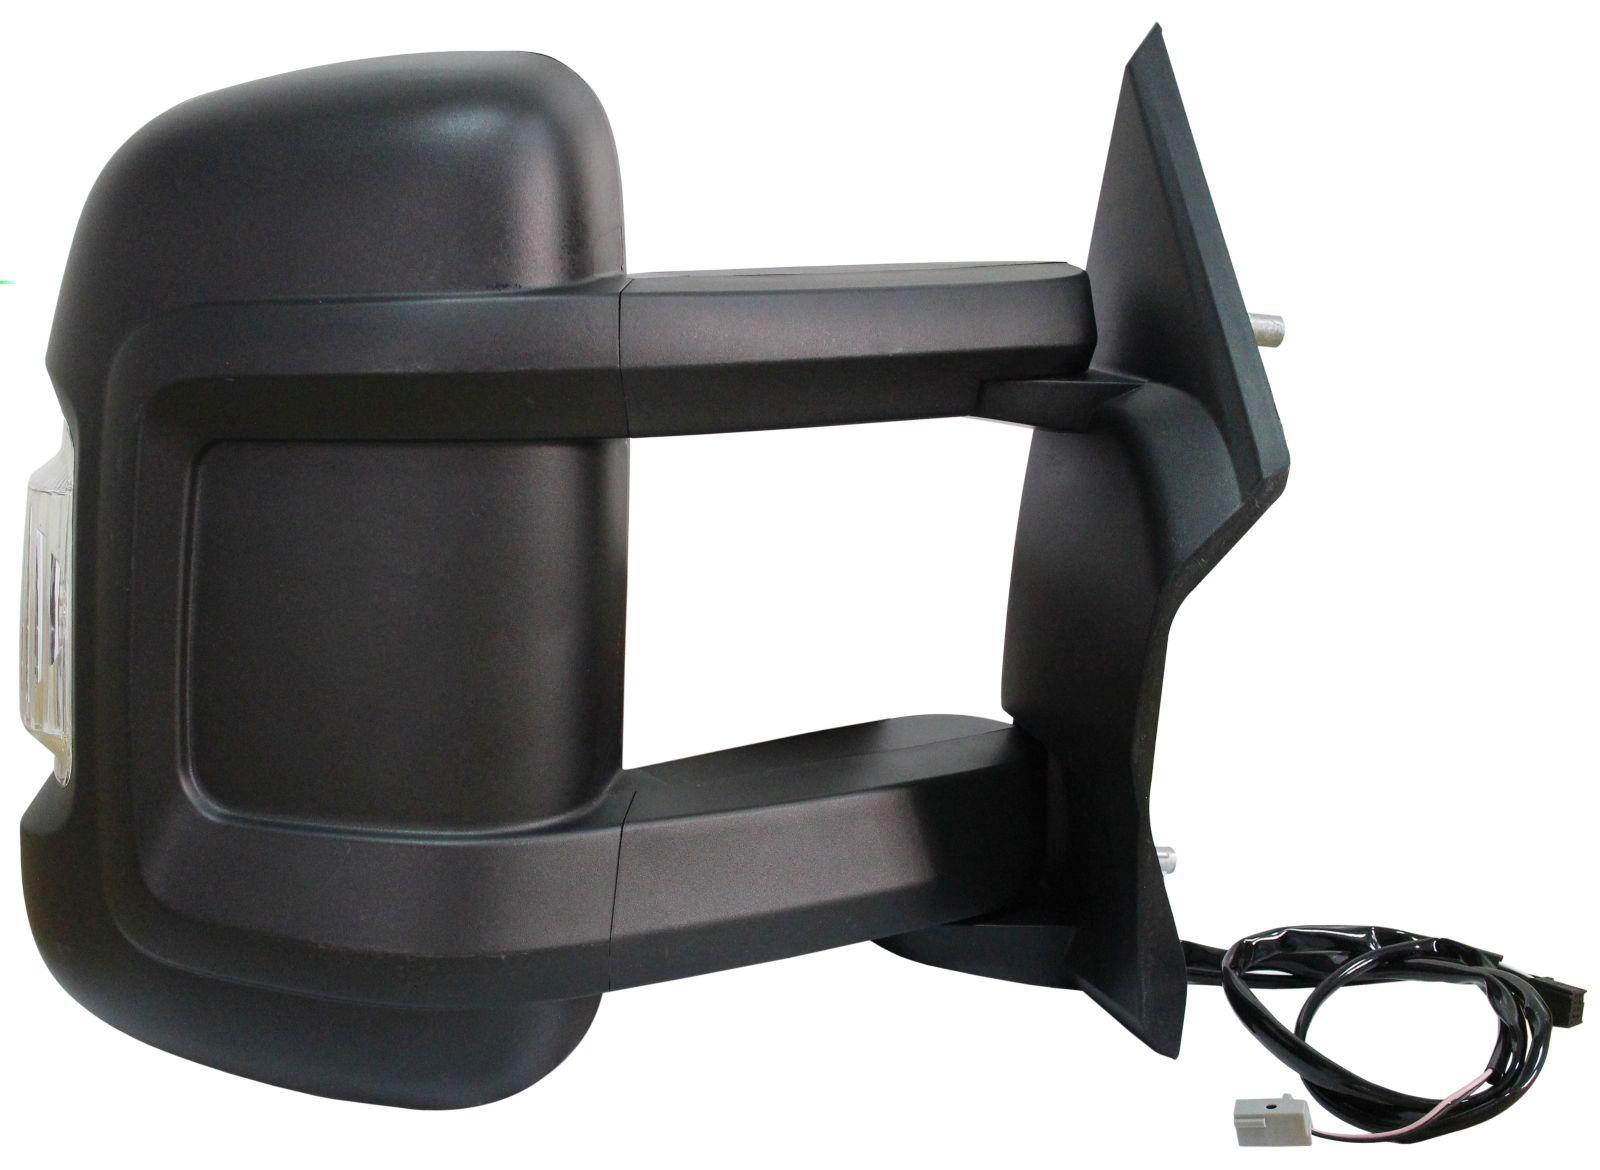 Spiegel Peugeot Boxer : Außenspiegel elektrisch rechts für peugeot boxer 06 kaufen bei